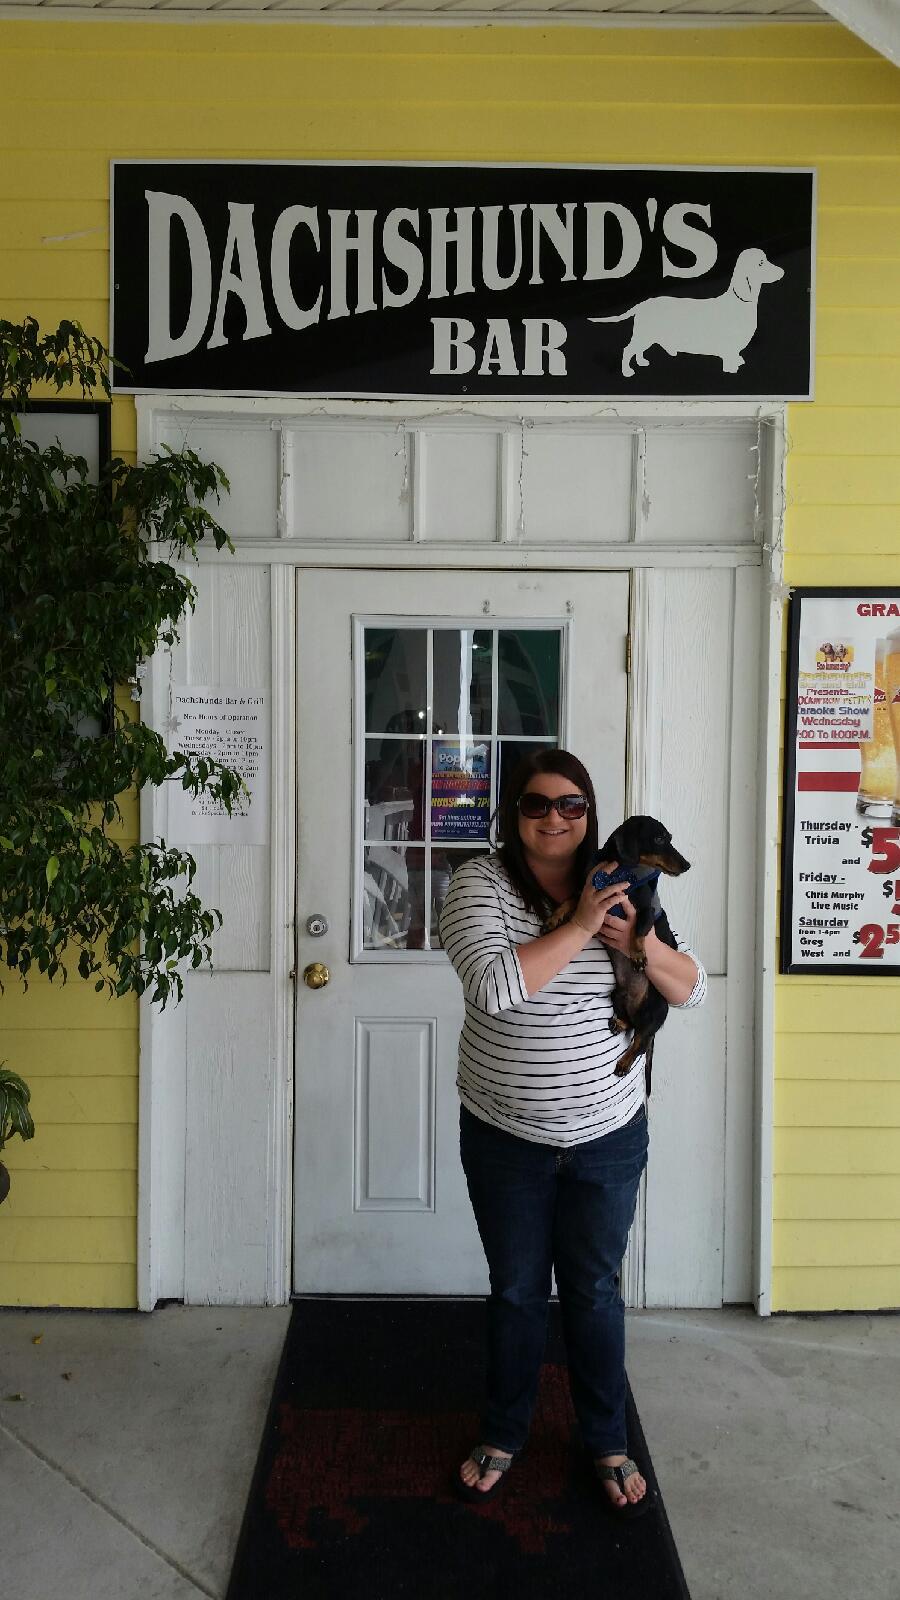 Dachshund's Bar & Grill